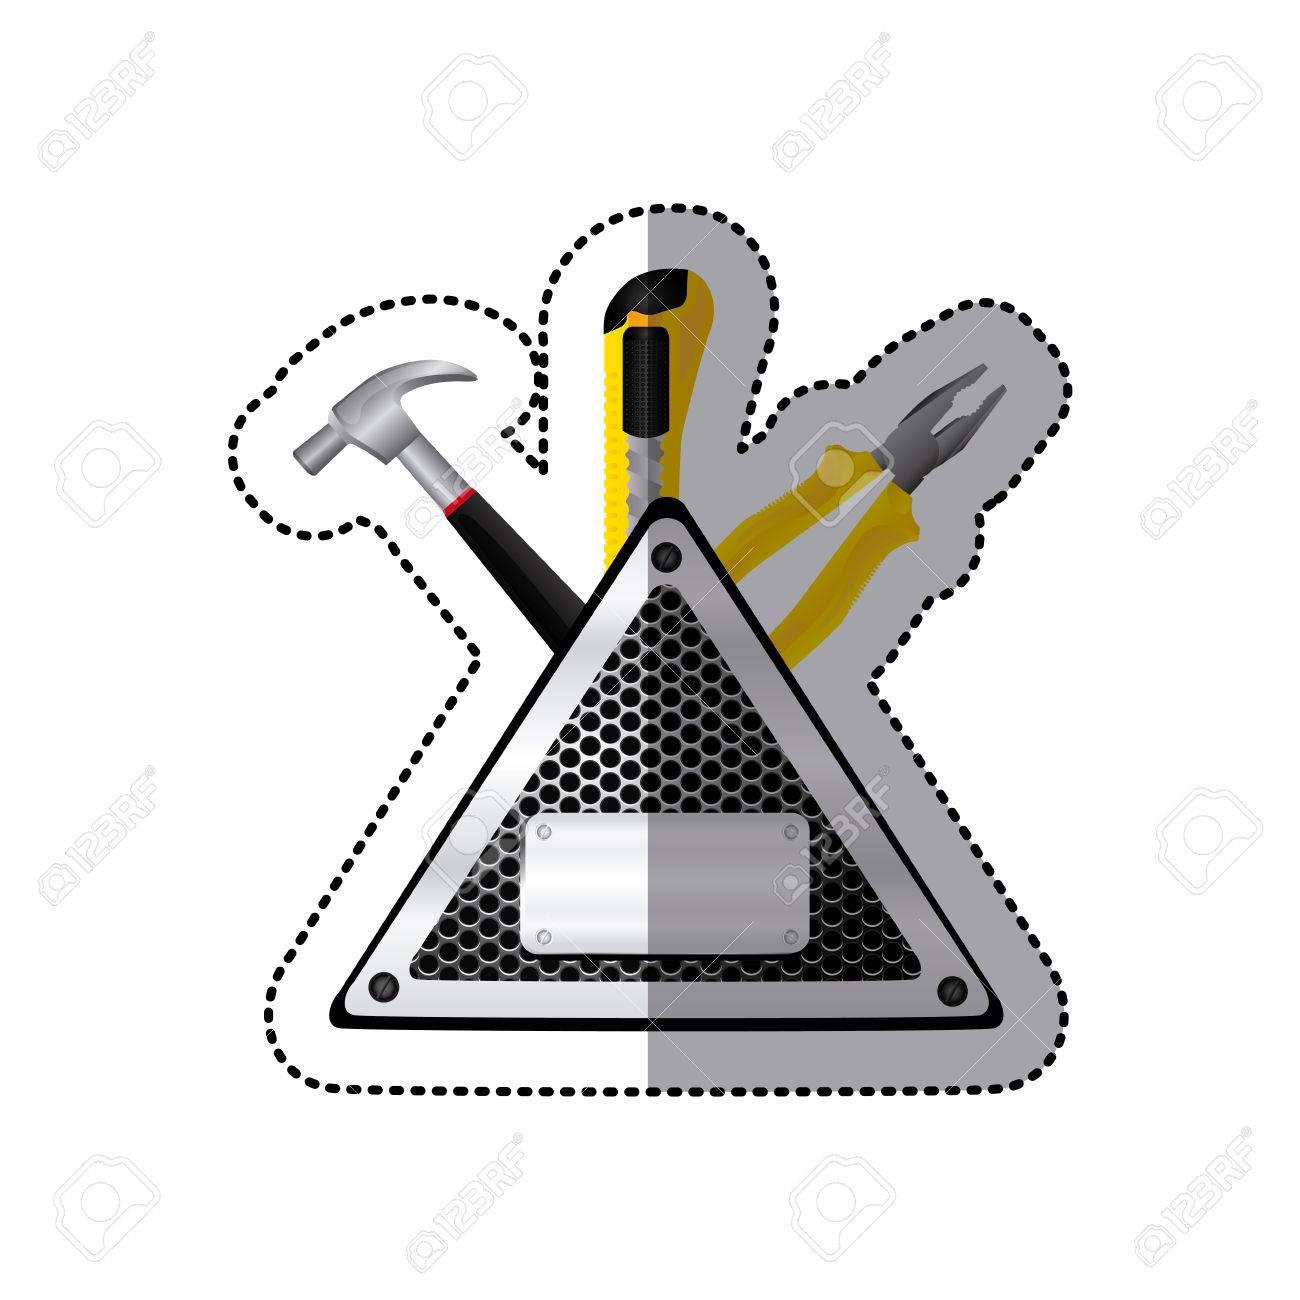 Pegatina Triángulo Metálico Marco Con Parrilla Perforada Y ...